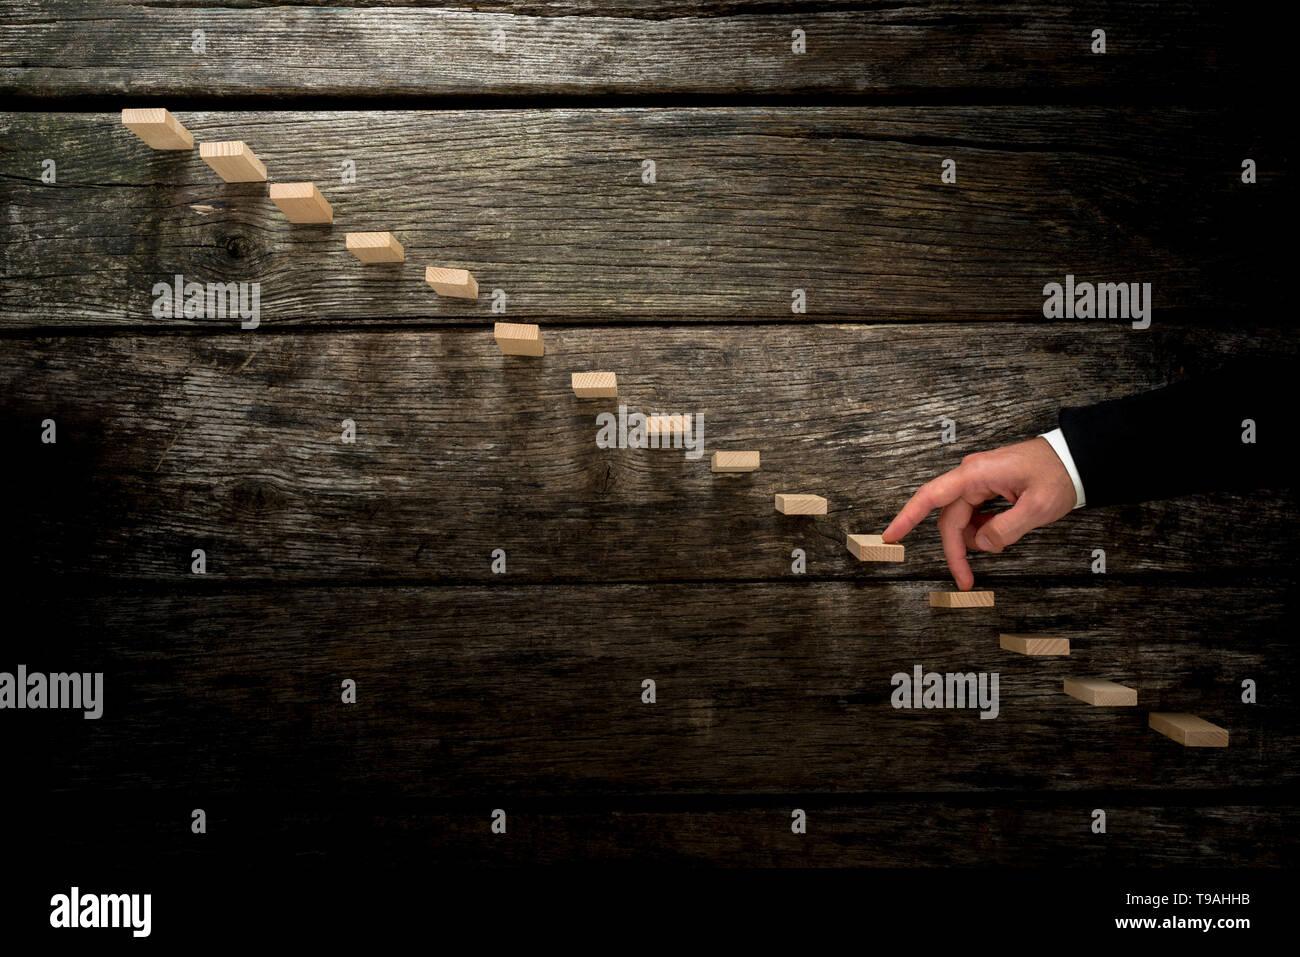 Empresario caminar sus dedos hasta una escalera de madera hacia la luz se asemeja a una escalera de madera rústica en una imagen conceptual de crecimiento personal Imagen De Stock